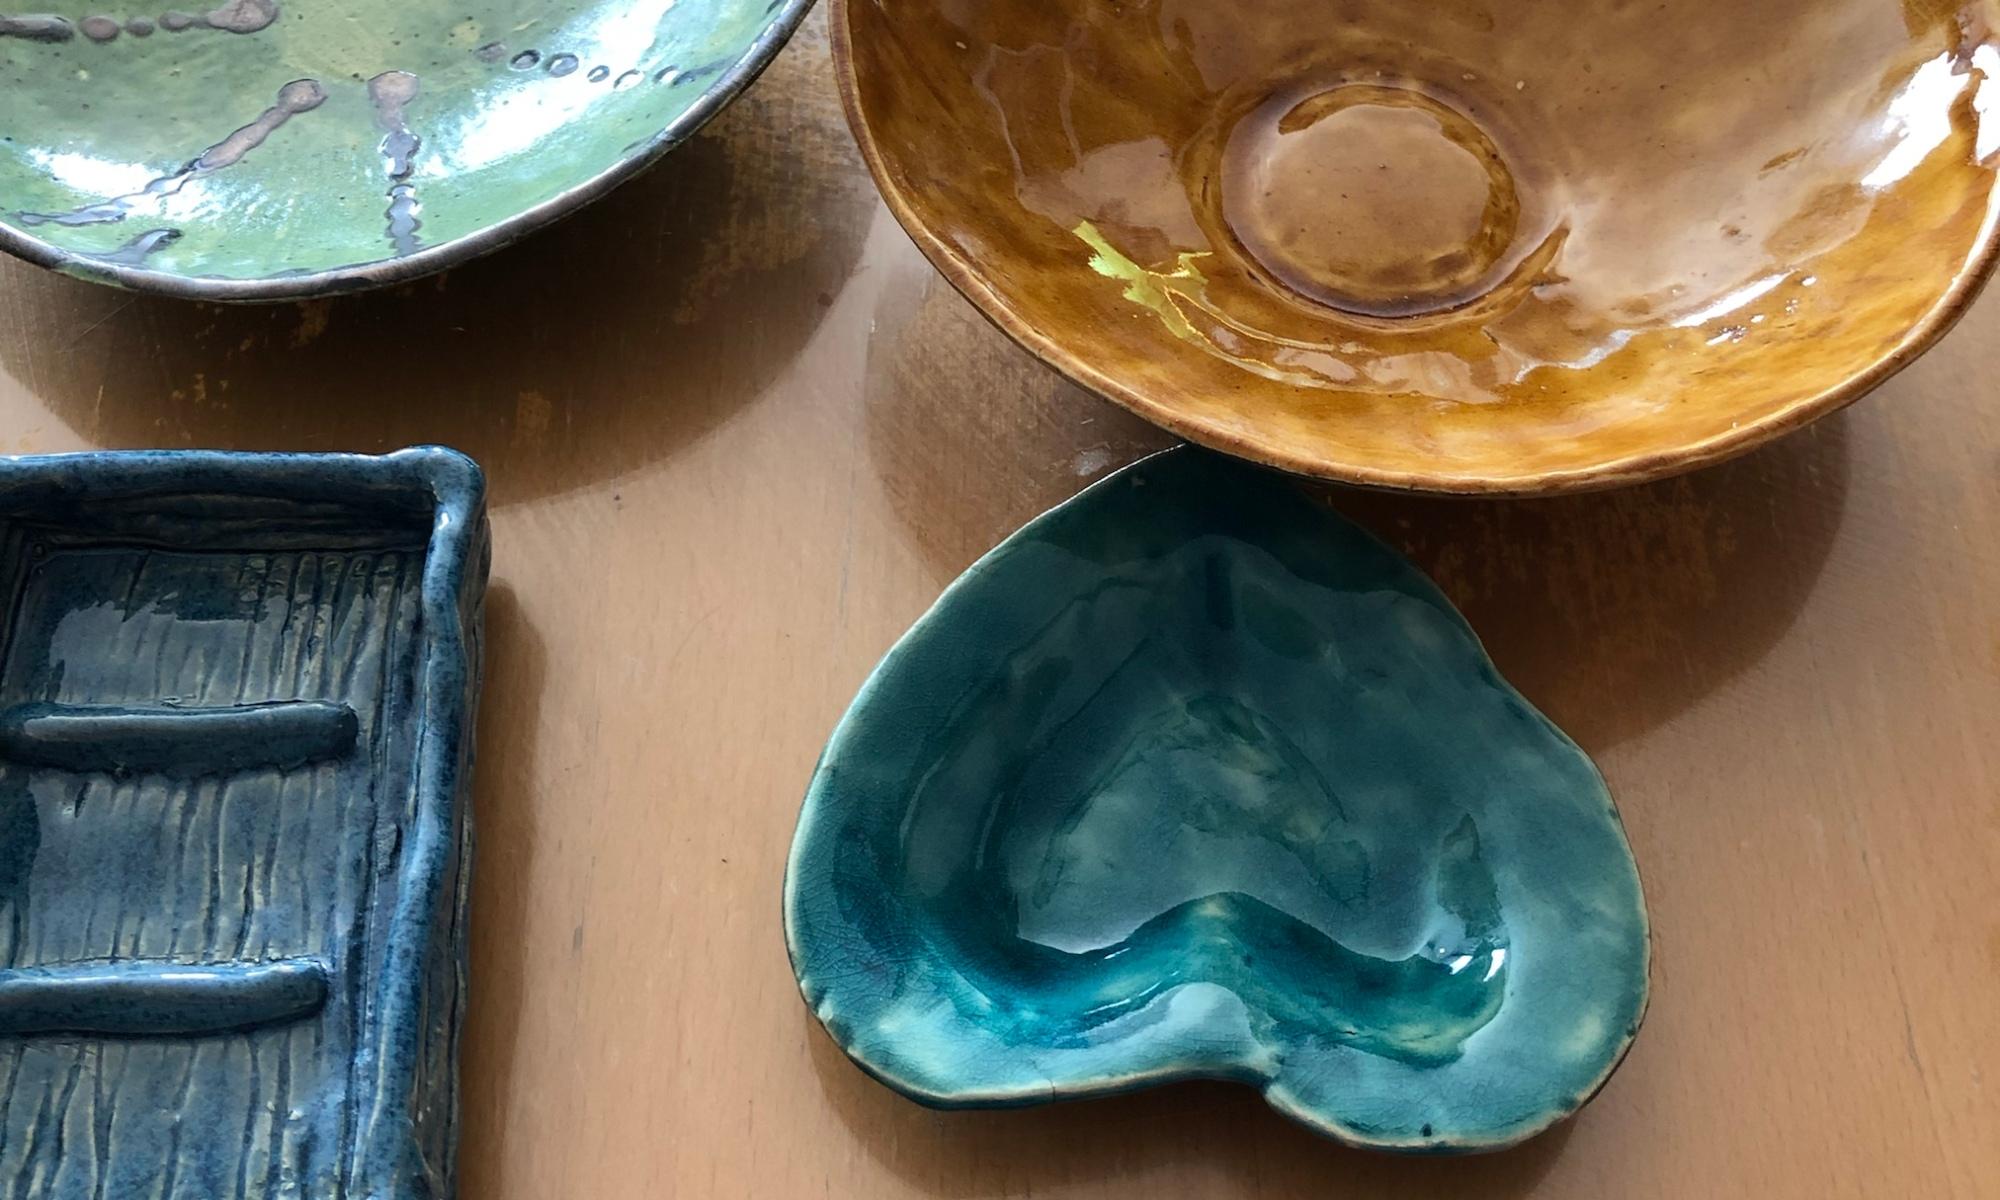 Auf einem Tisch 2 runde, dünne Tonschalen, eine Seifenschale und eine kleine Schale in Herzform.